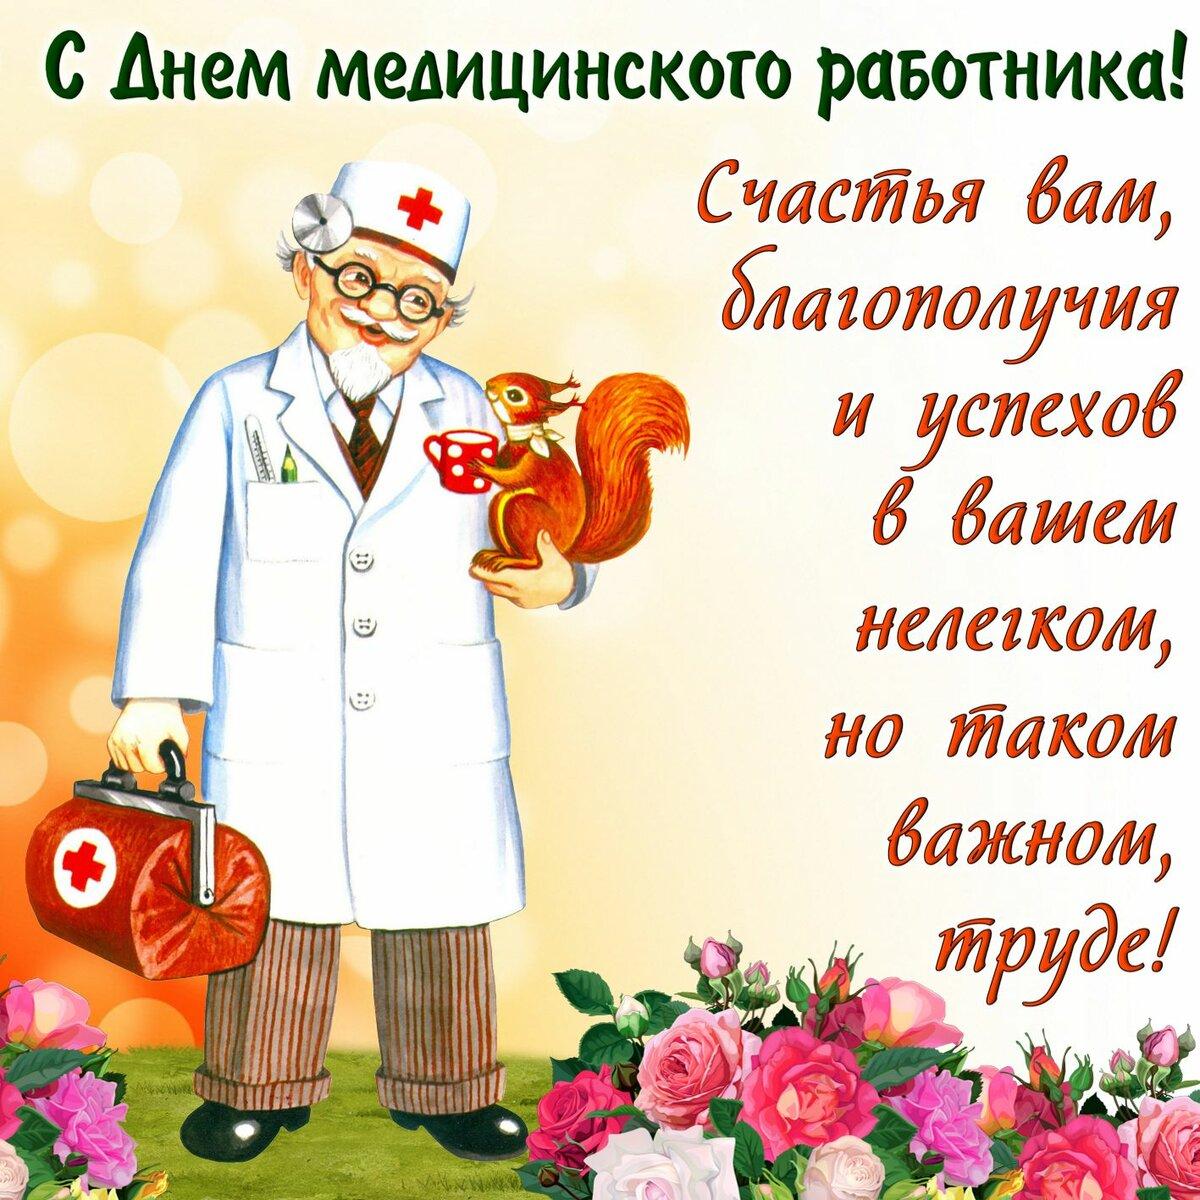 Поздравления с днем медицинского работника текст